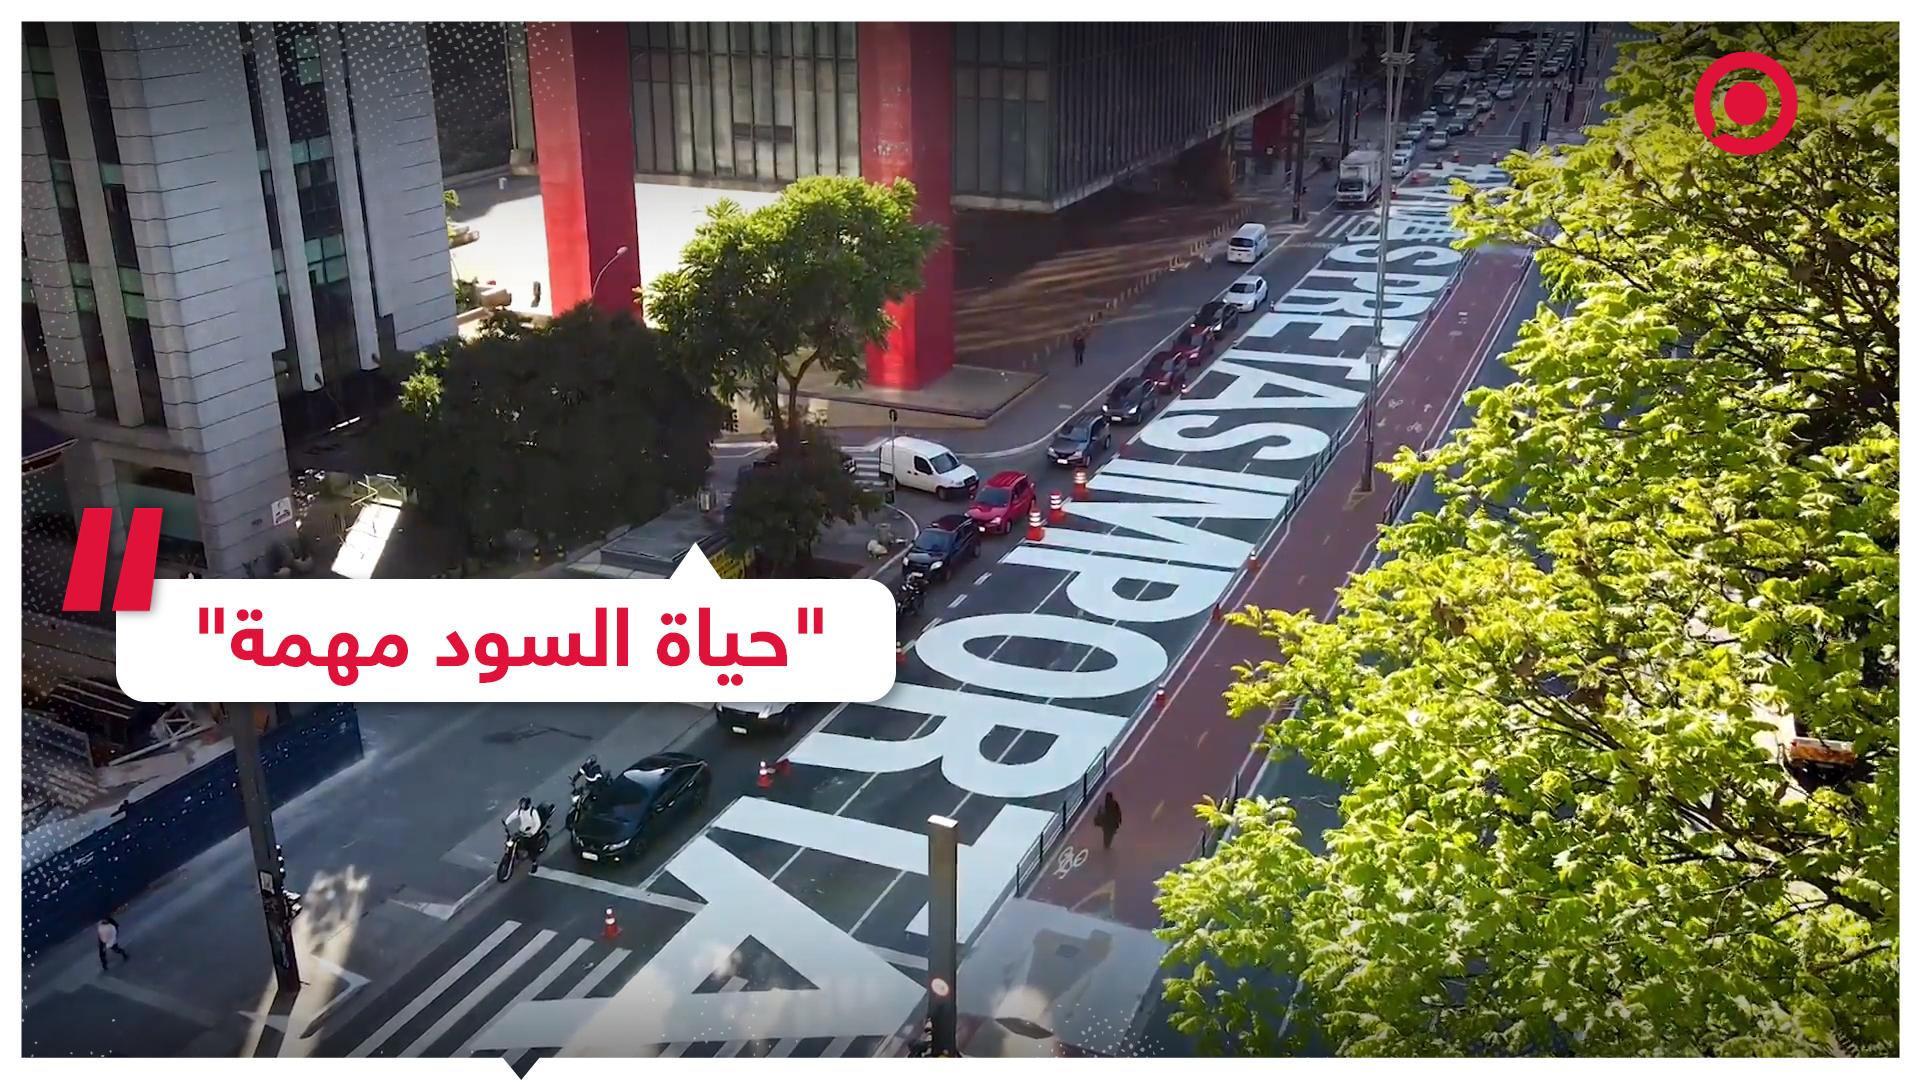 حروف عملاقة على امتداد الشارع في ساوباولو